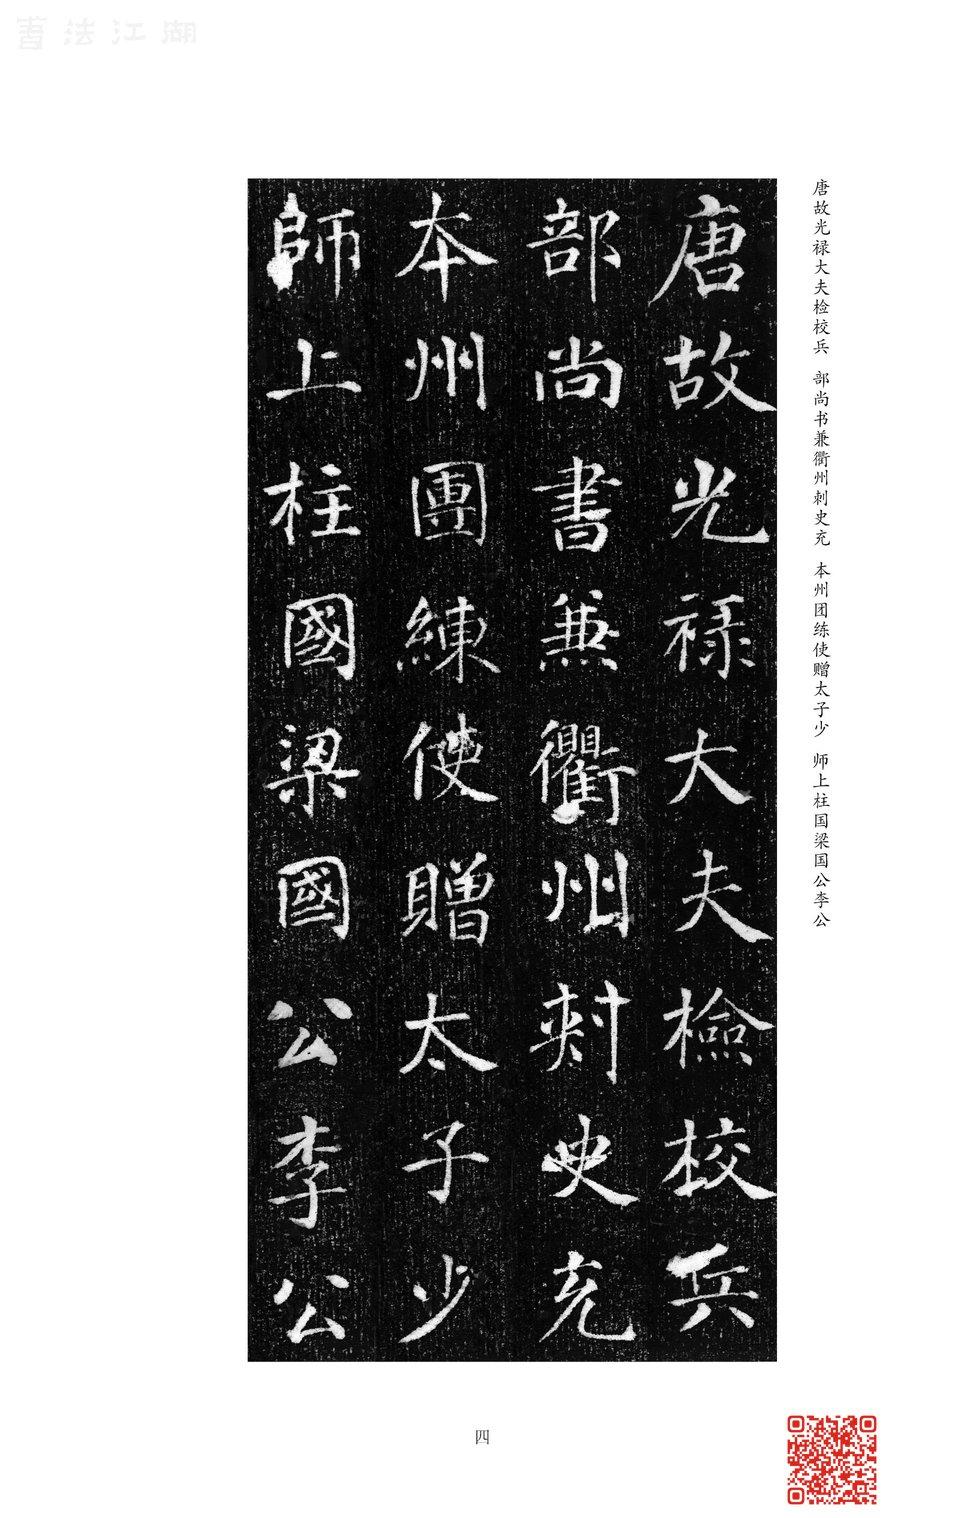 7--唐楷1-徐浩书李岘墓志-内页6.jpg